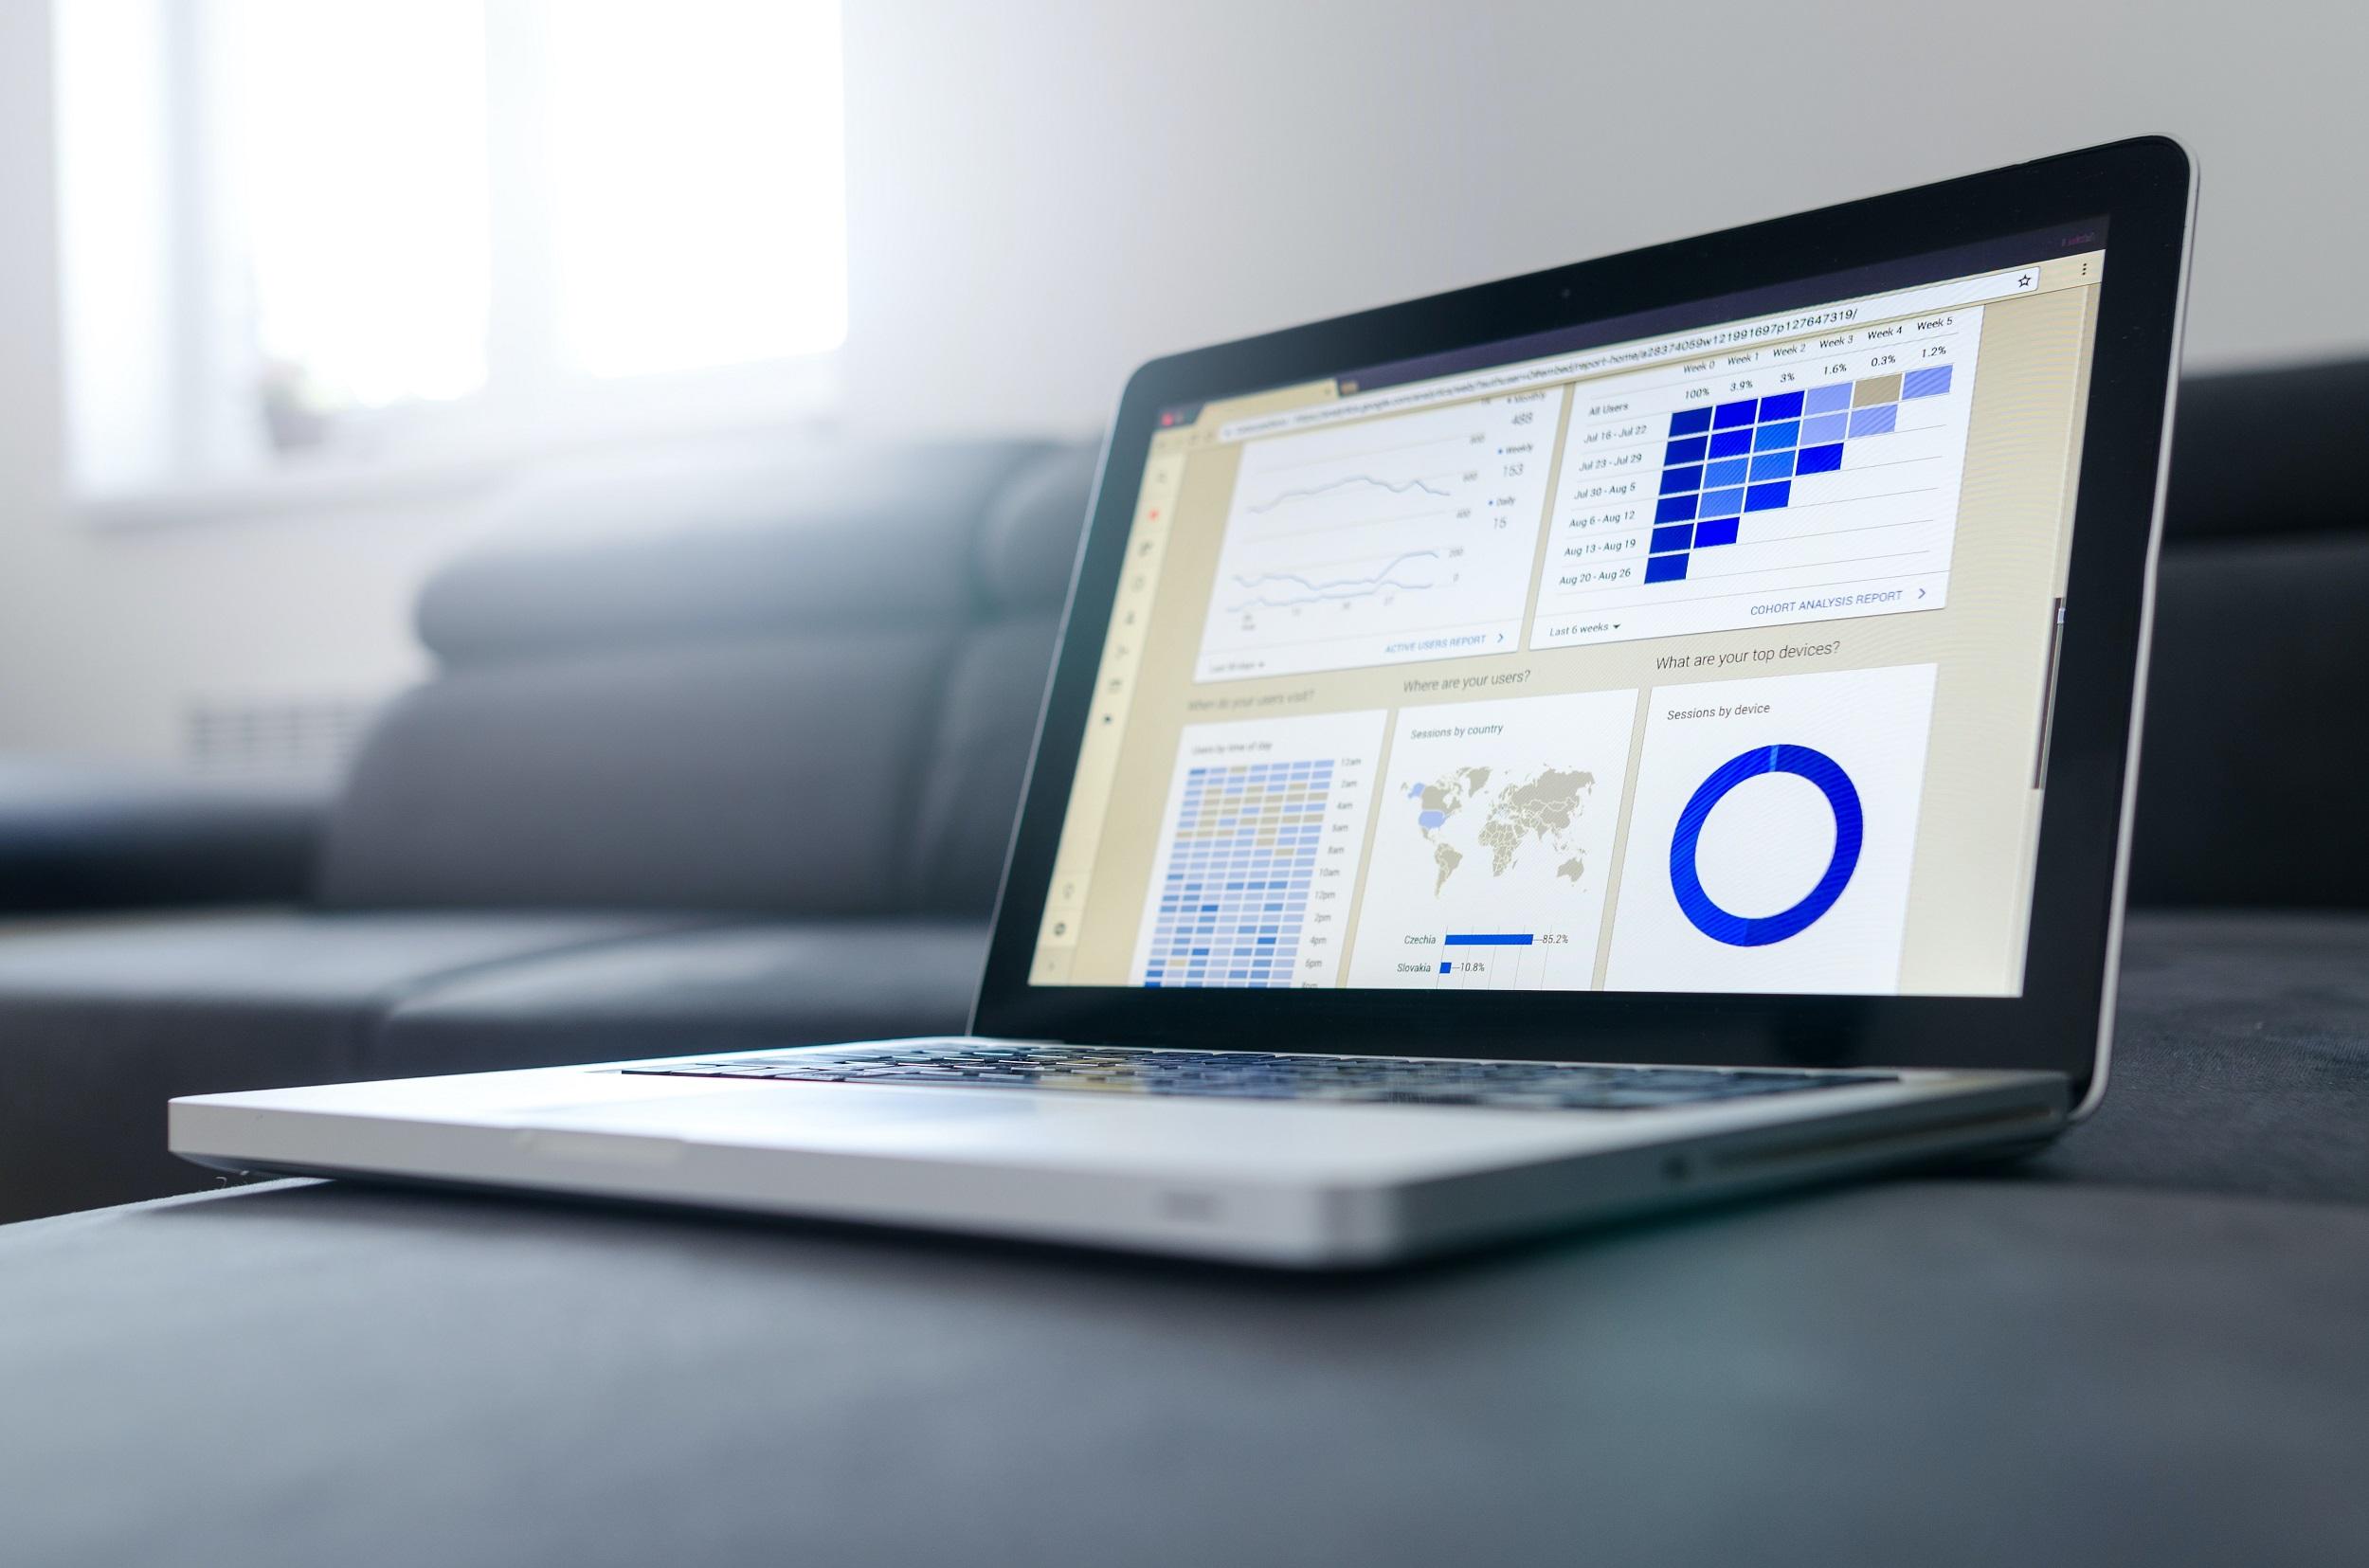 Aplicación dedicada a Business Intelligence y Big Data